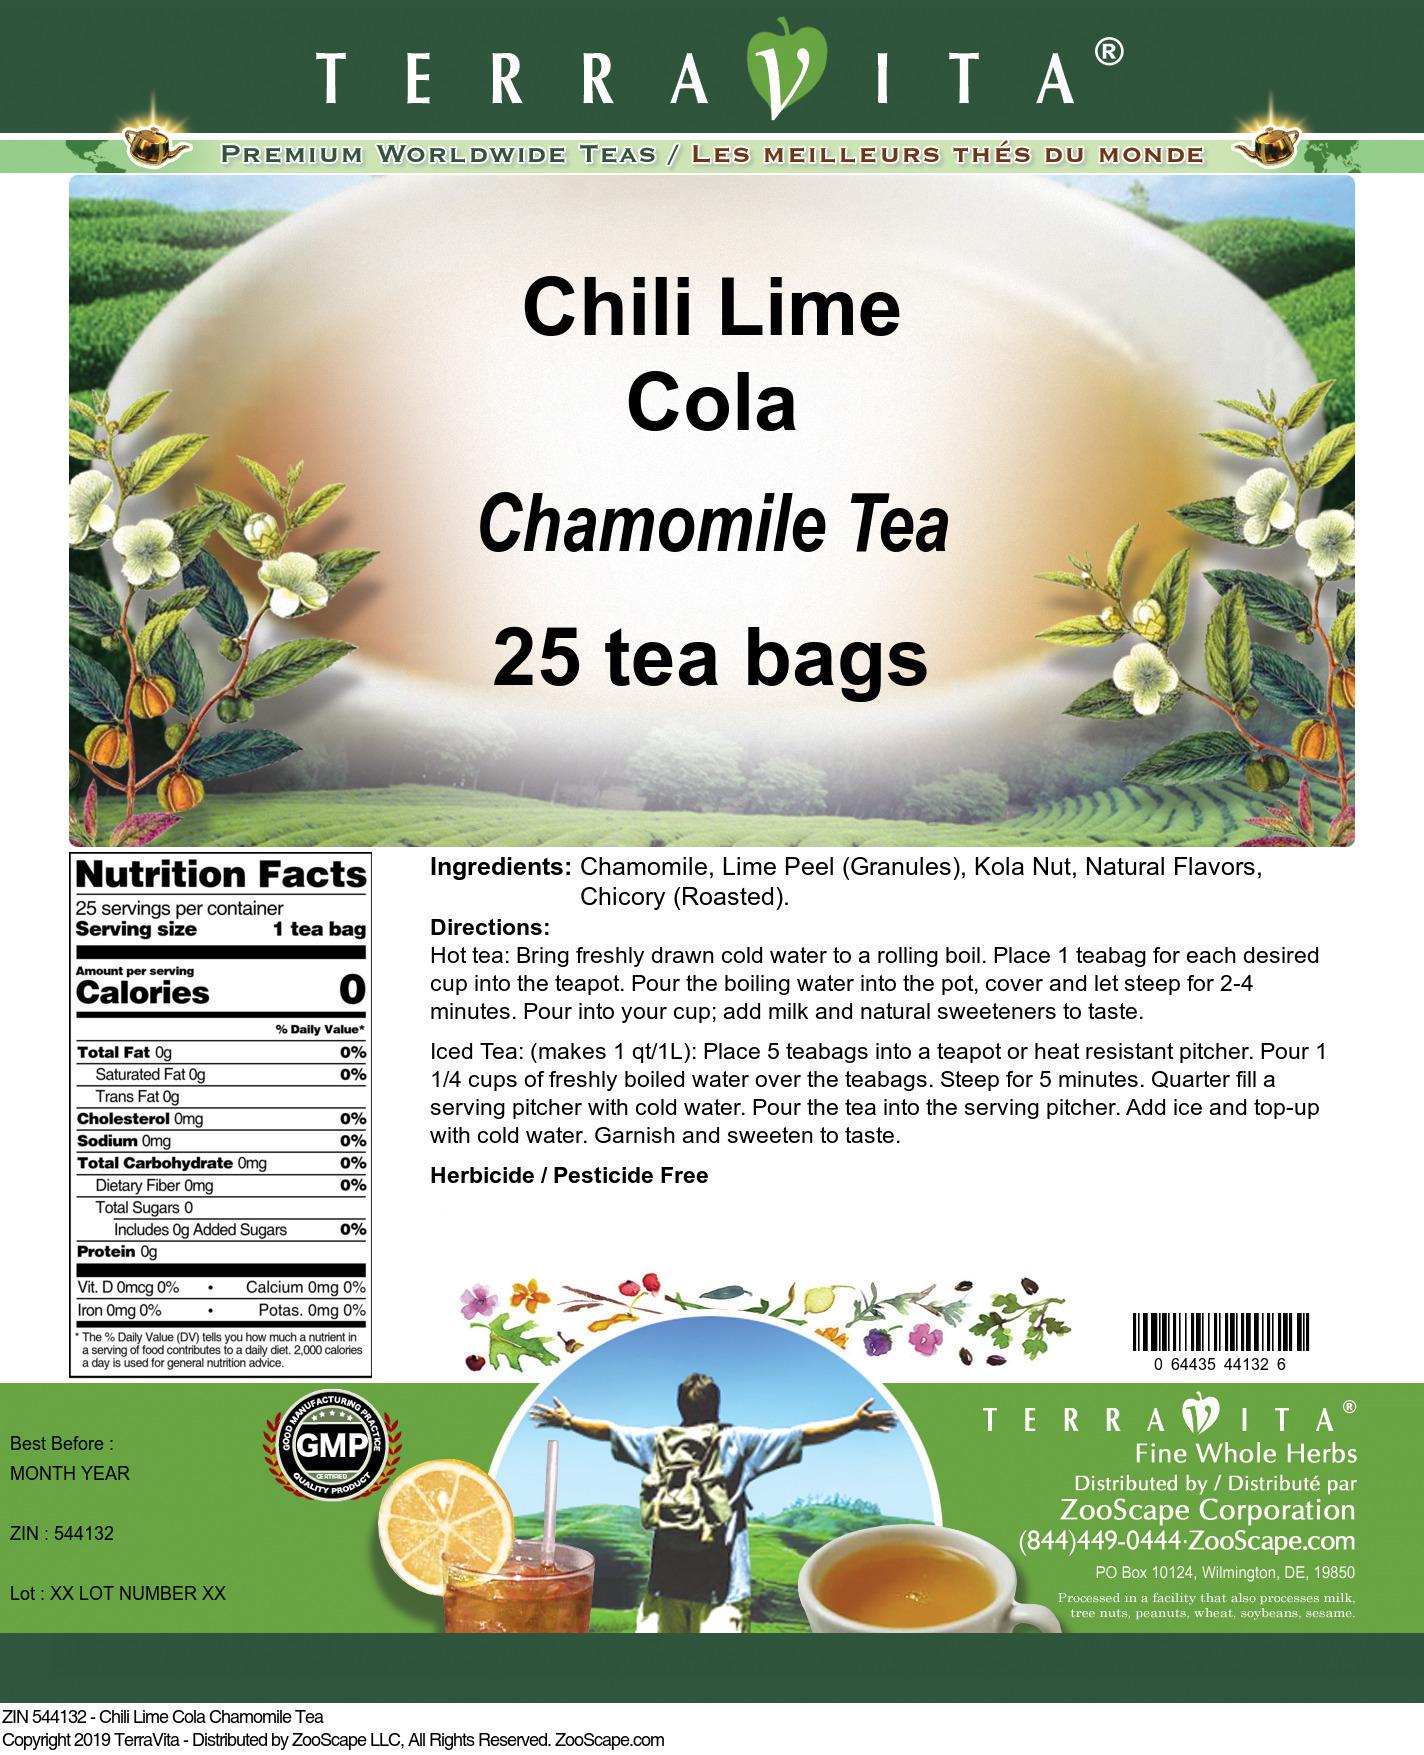 Chili Lime Cola Chamomile Tea